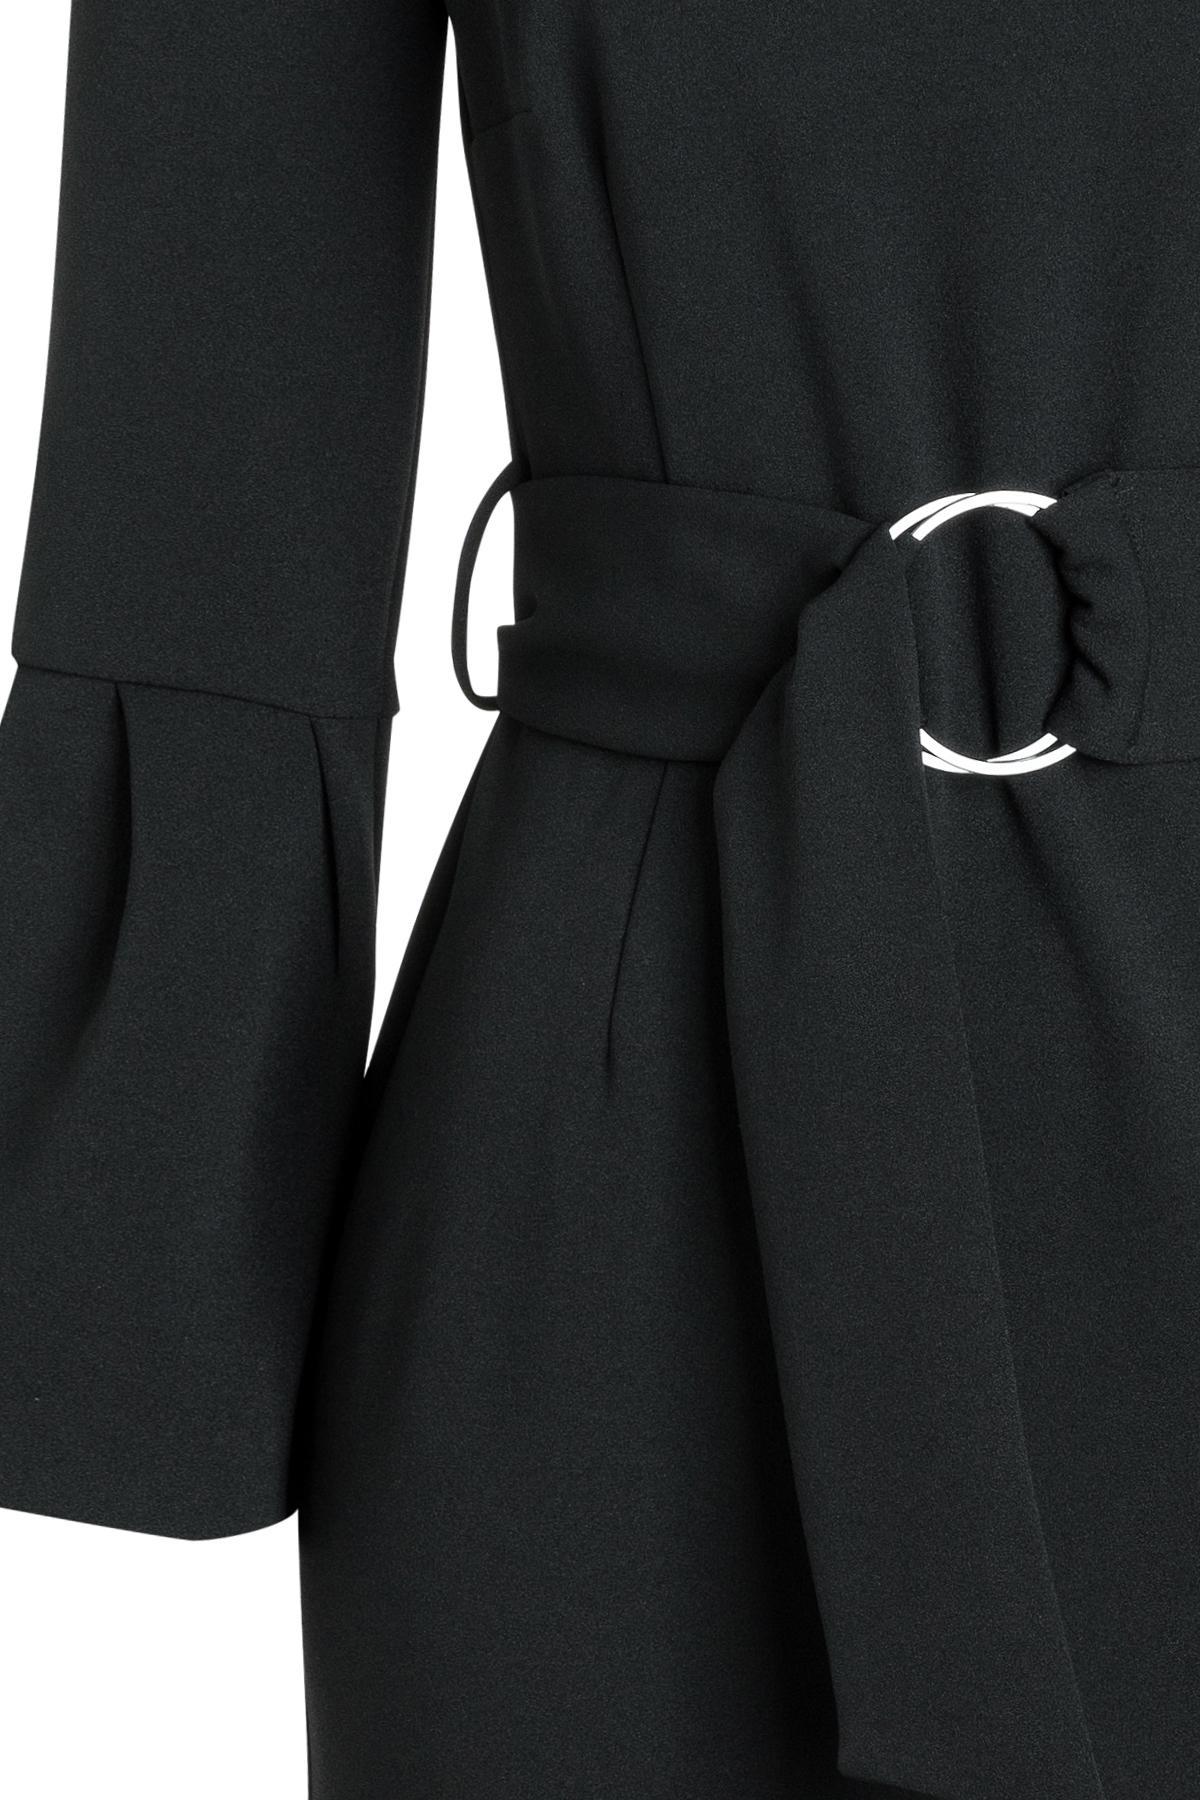 Vorderansicht von Ana Alcazar Gürtel Kleid Romys Schwarz  angezogen an Model